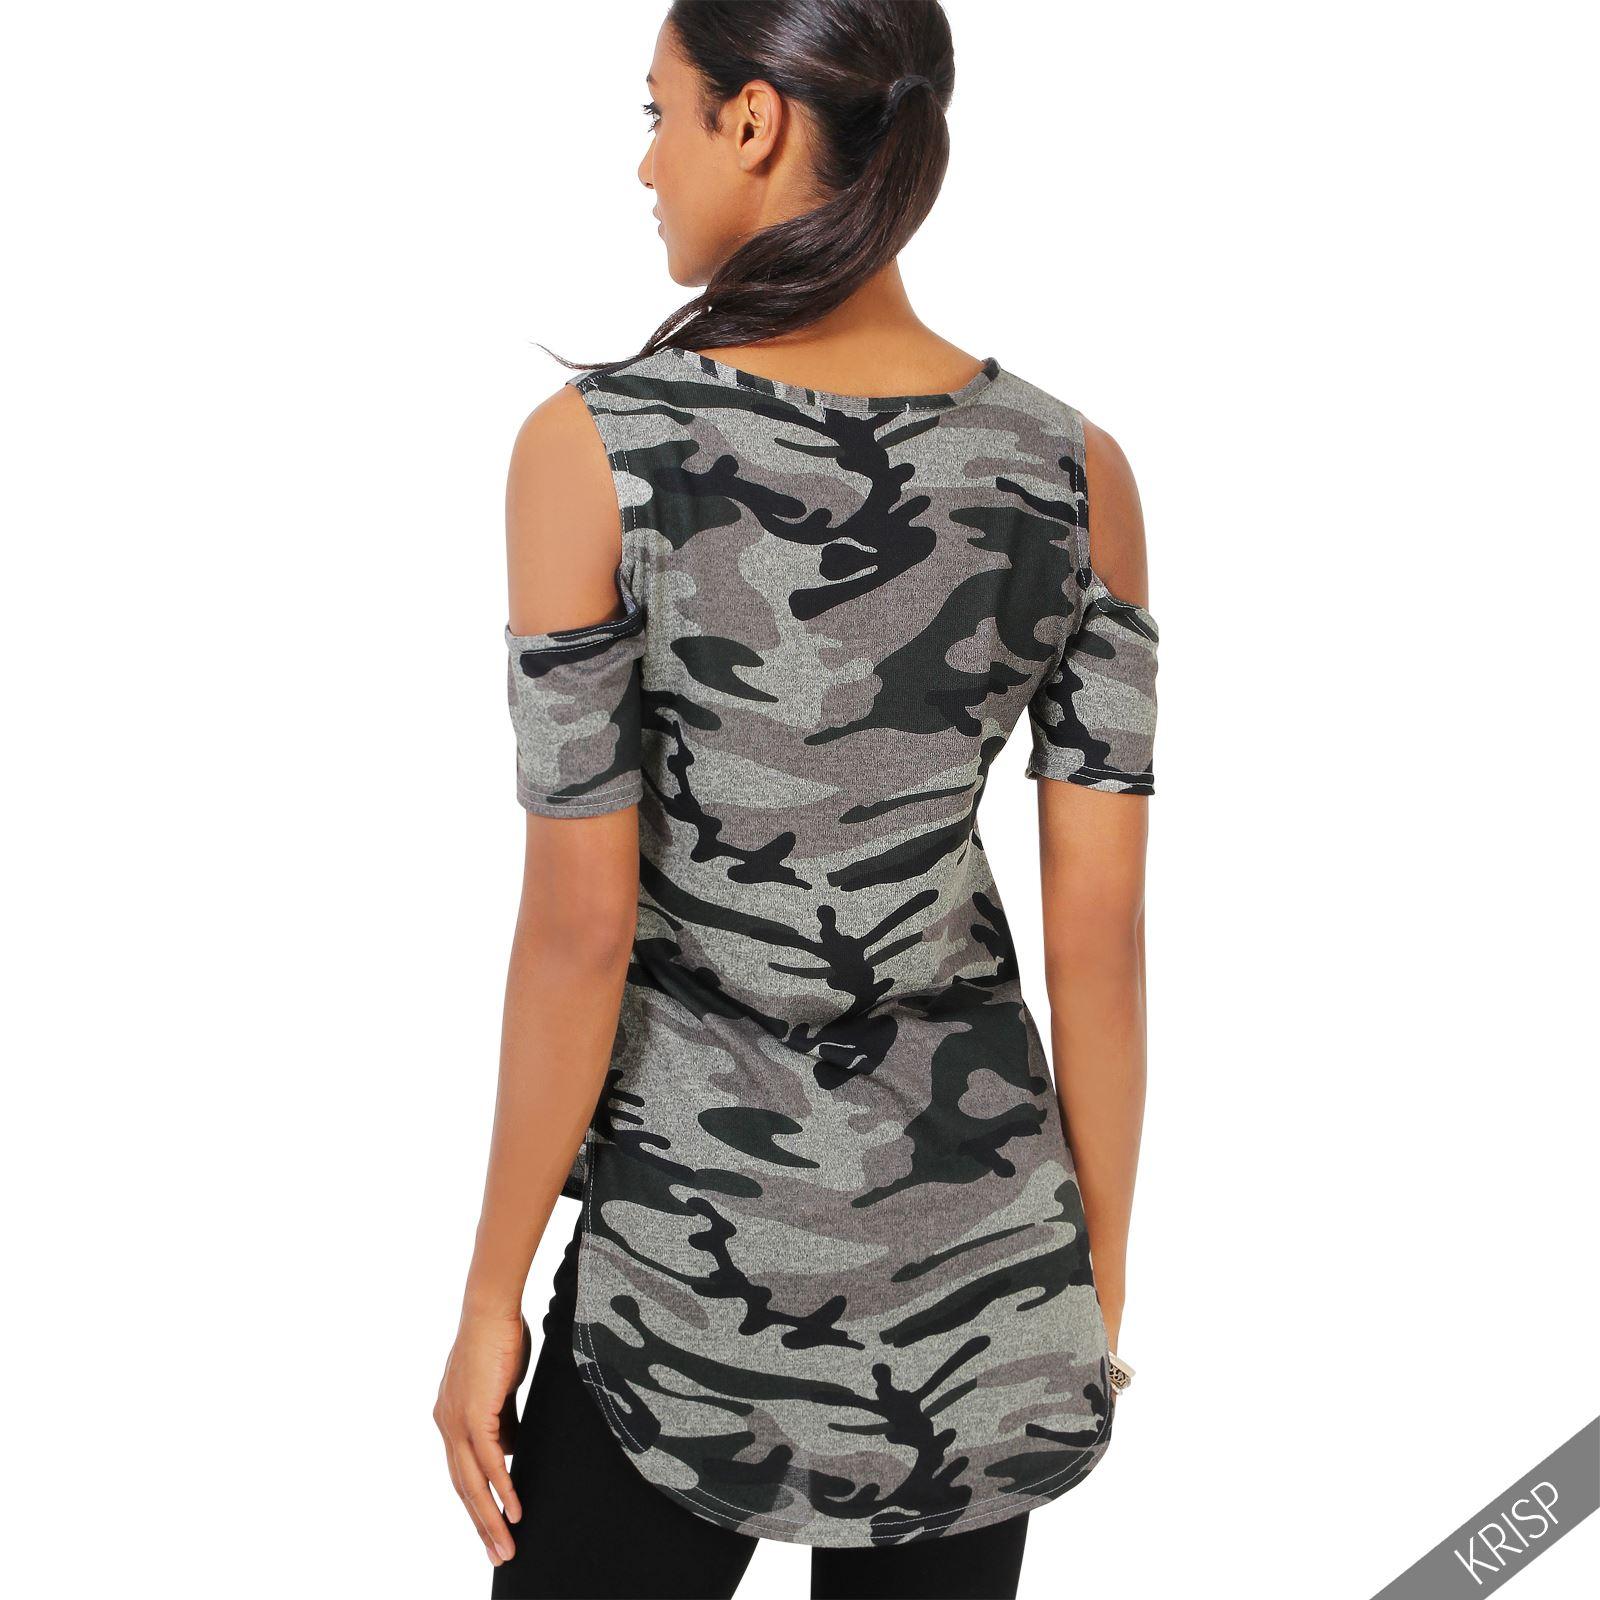 damen camouflage cut out t shirt top schulterfrei schulterausschnitt high low ebay. Black Bedroom Furniture Sets. Home Design Ideas